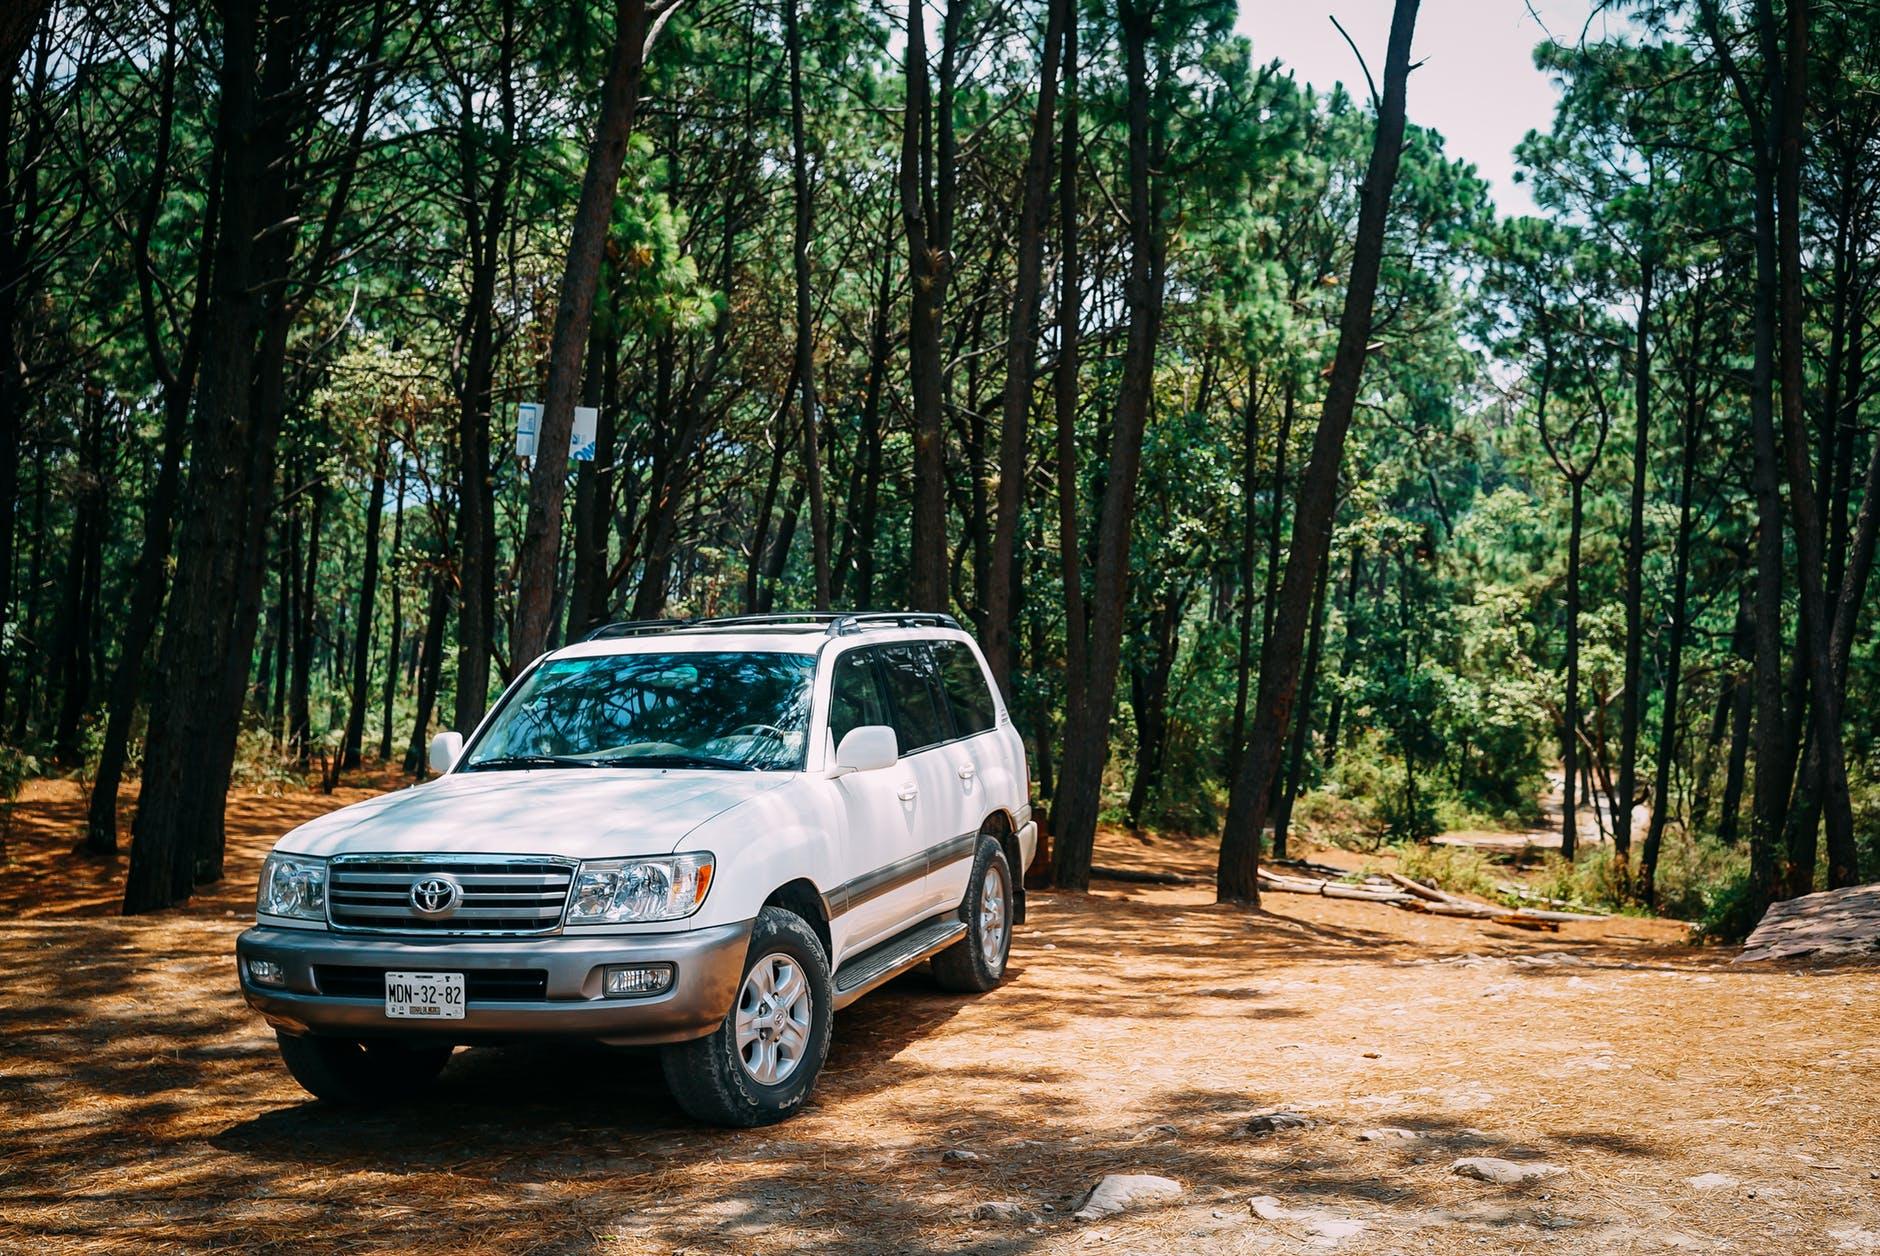 Wjazd i parkowanie w lesie – kiedy można, kiedy nie?